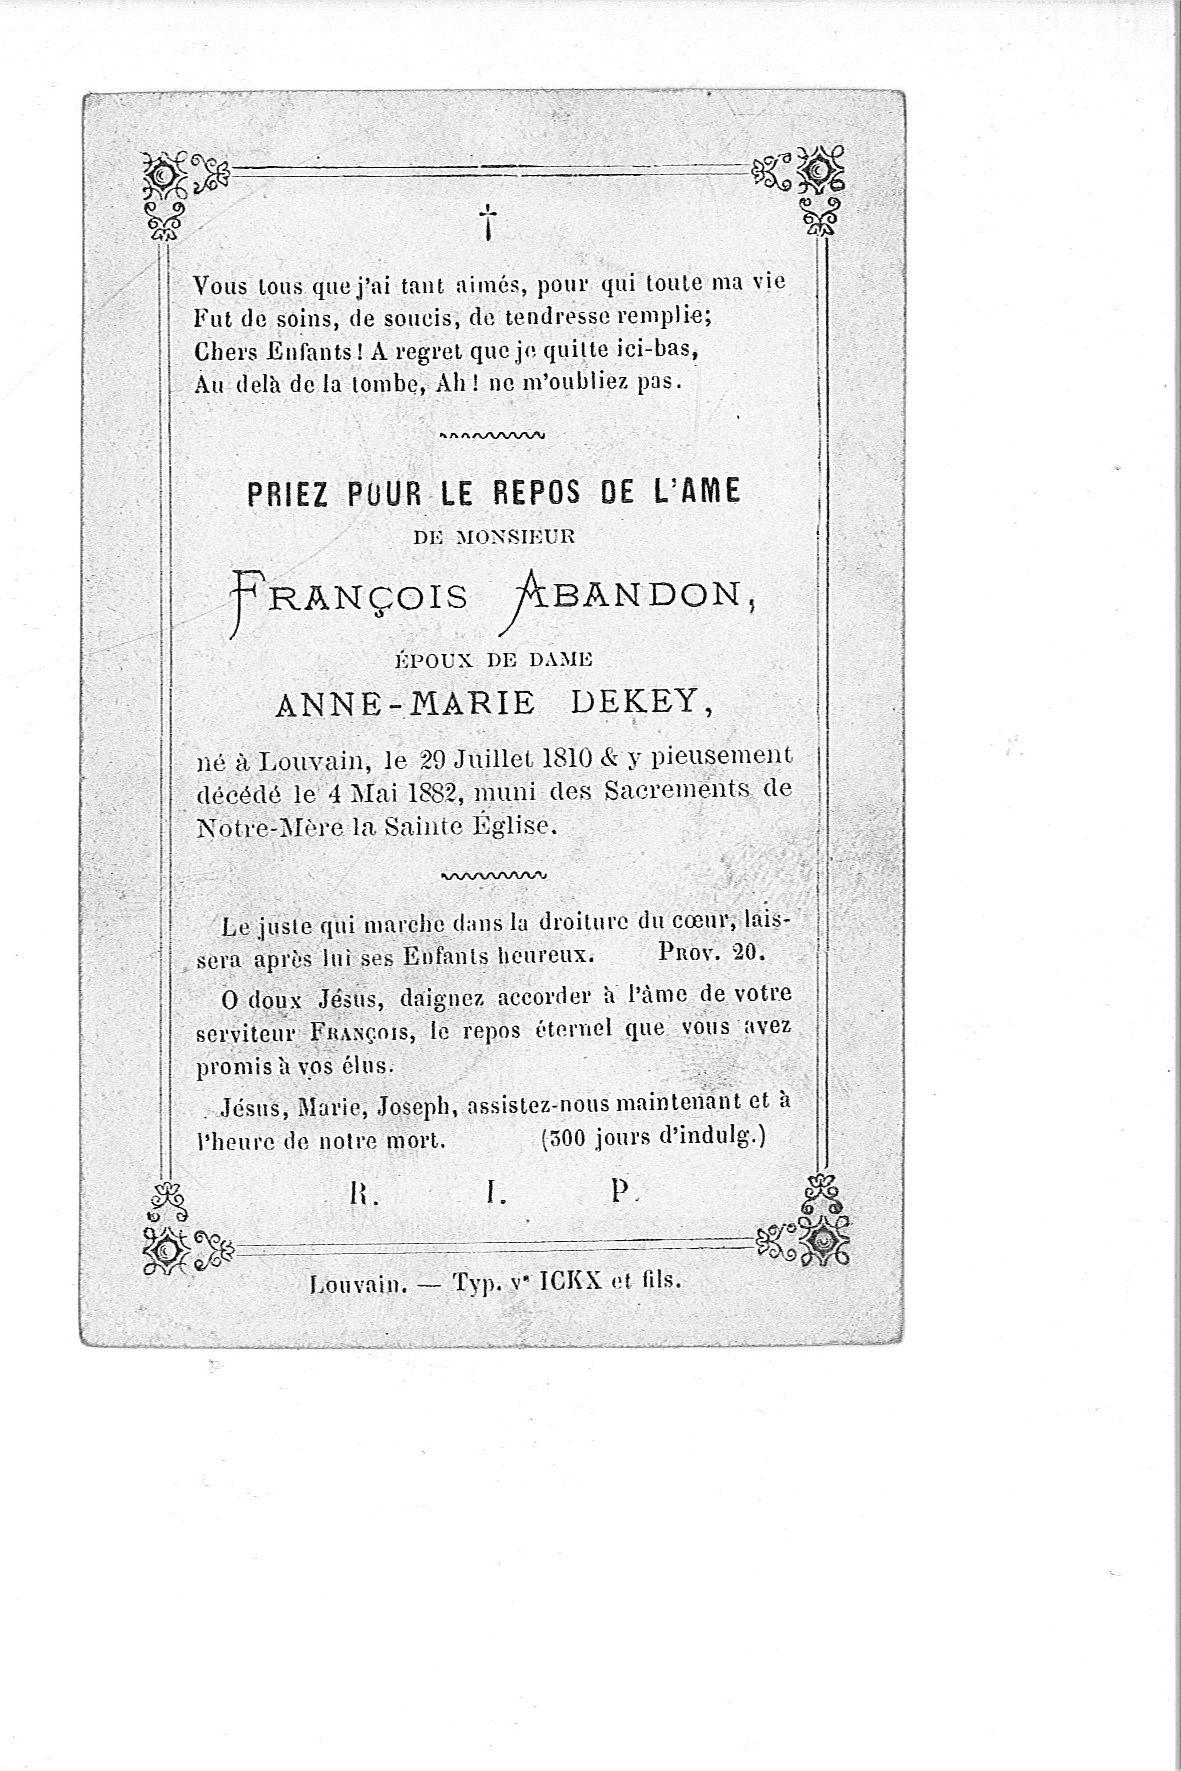 francois(1882)20090105145124_00001.jpg